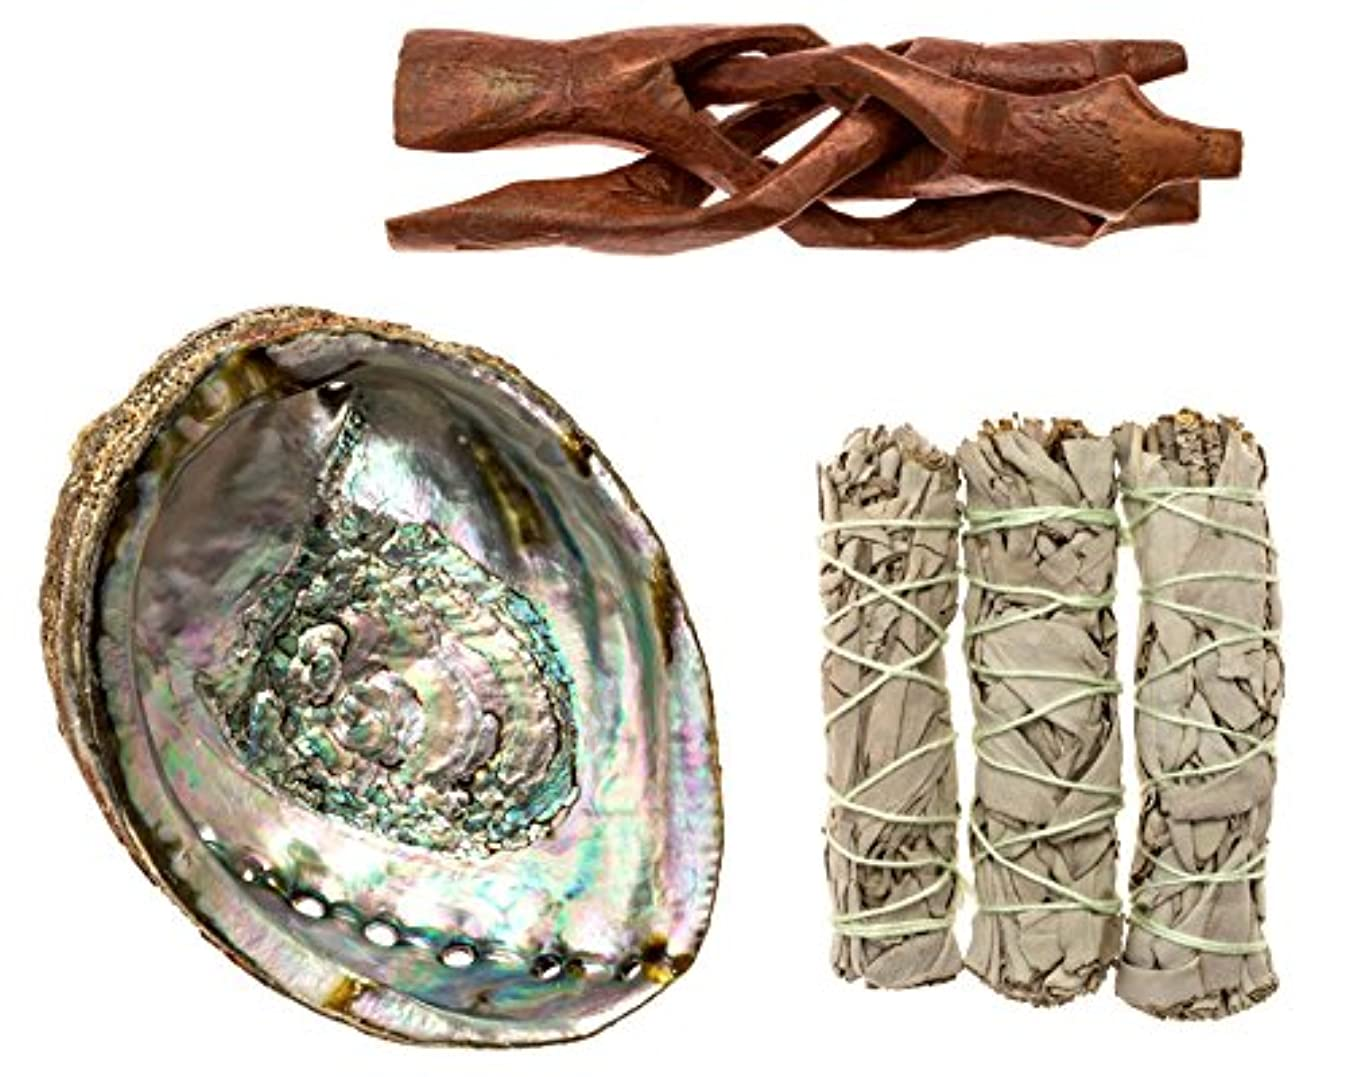 代表頑張る自我Premium Abalone Shell with木製三脚スタンドと3カリフォルニアホワイトセージスマッジSticks for Incense燃焼、Home Fragrance、エネルギーClearing、ヨガ、瞑想。...